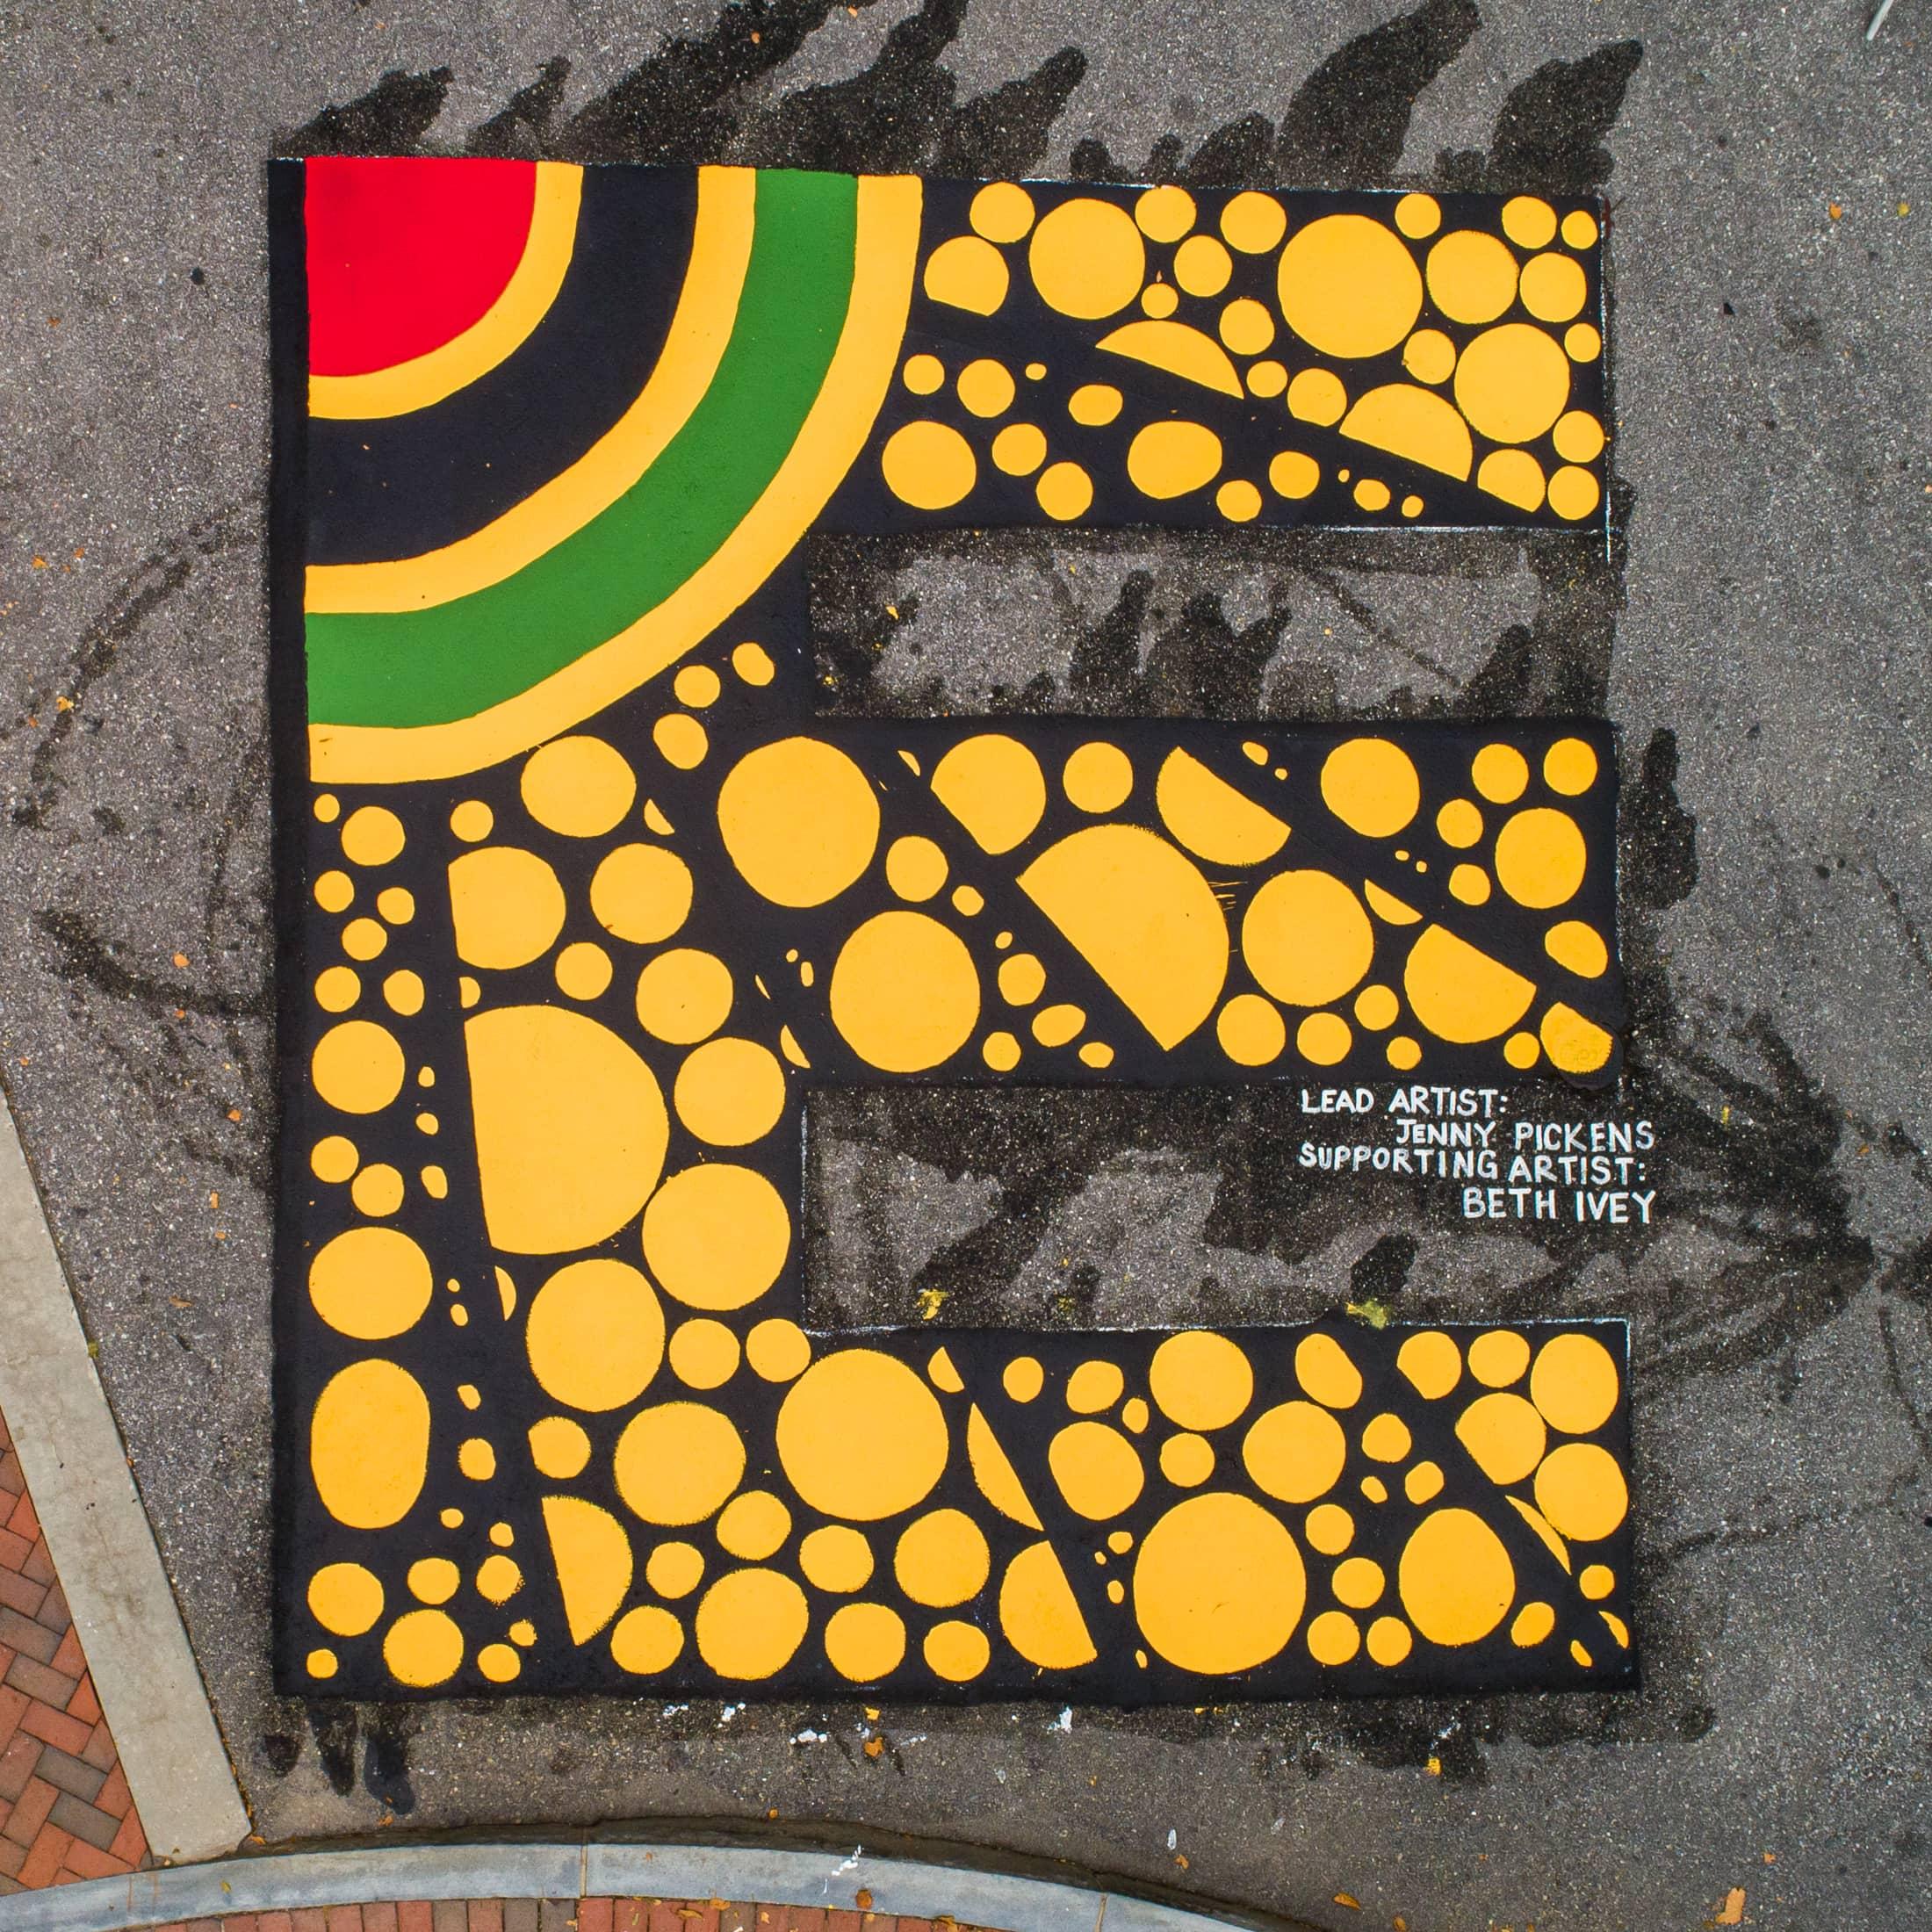 AVL BLM Mural- E